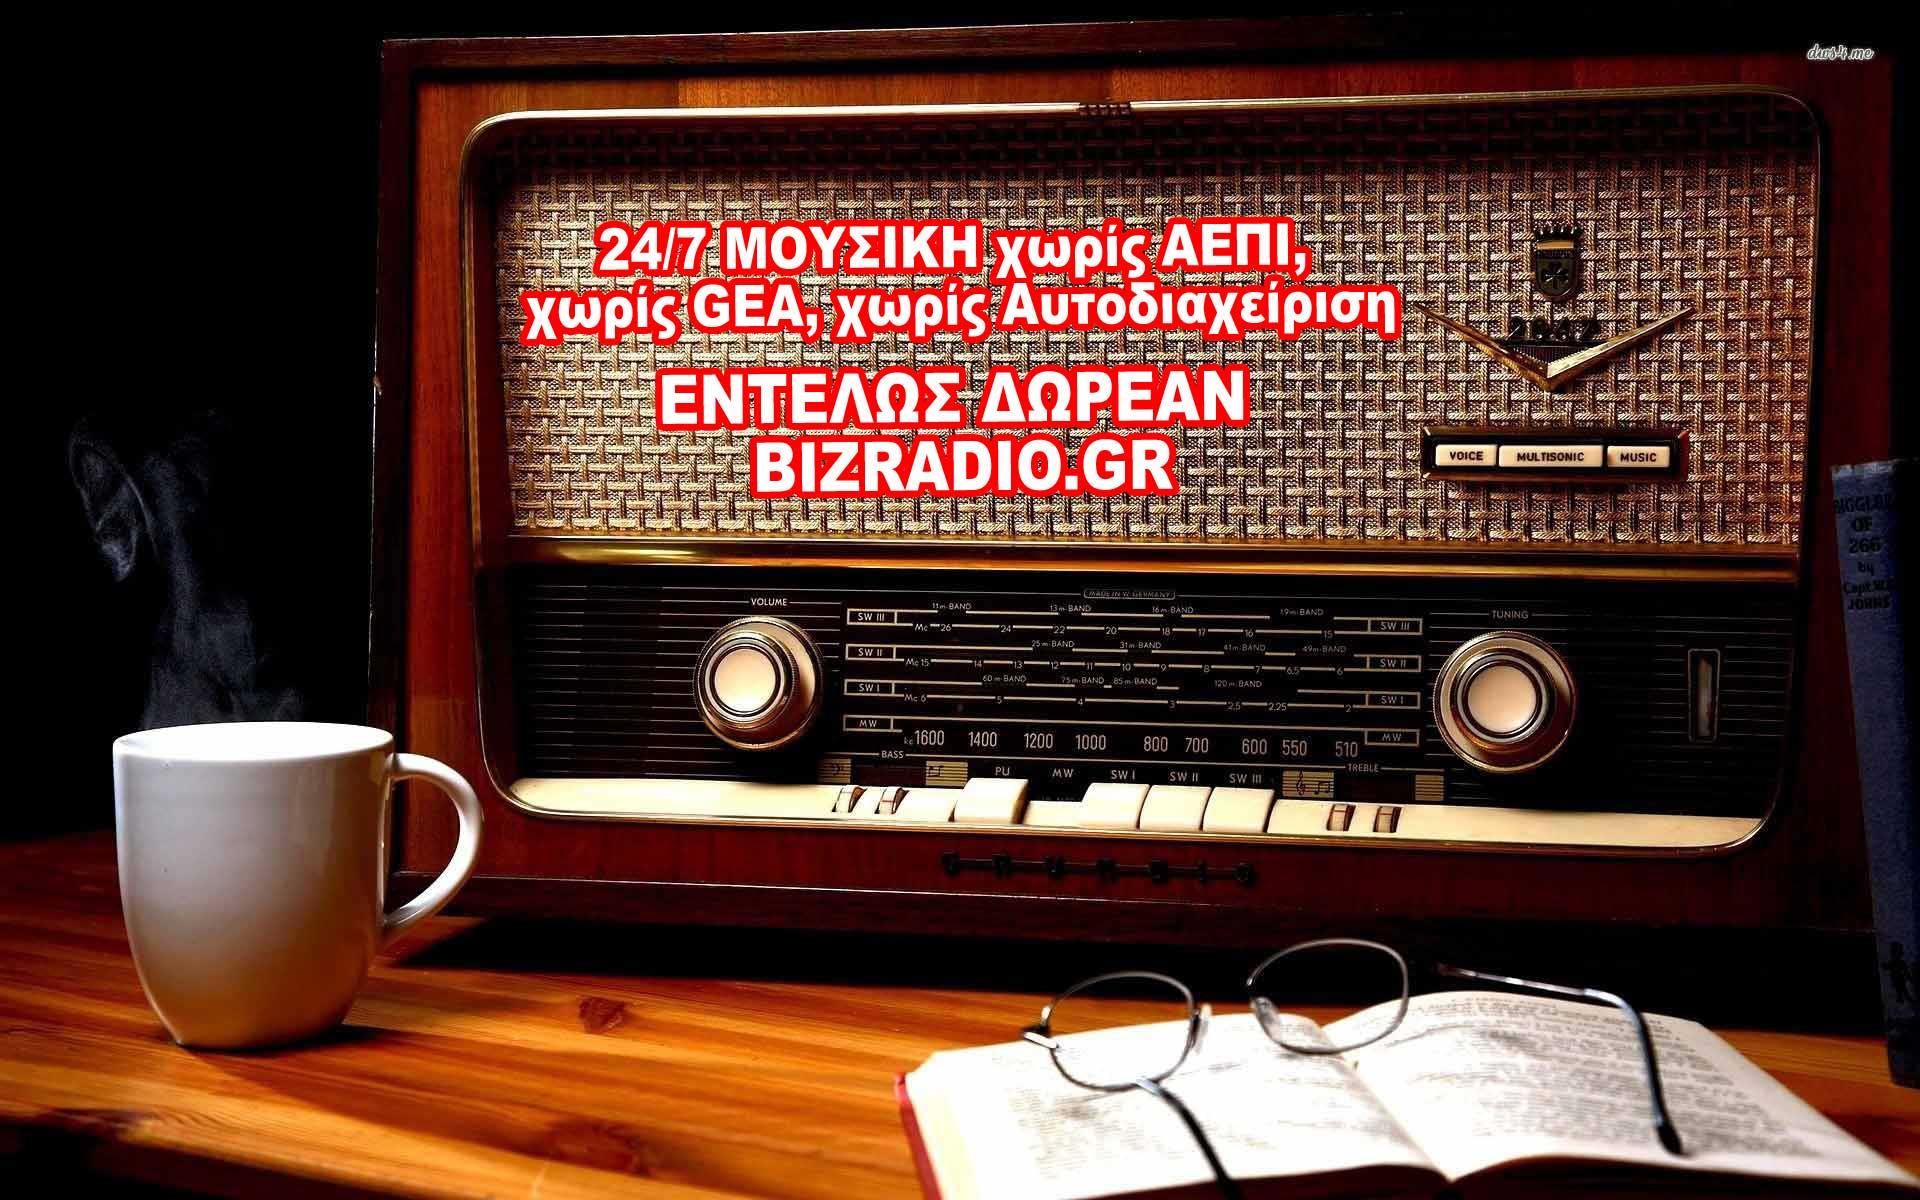 BizRadio.gr